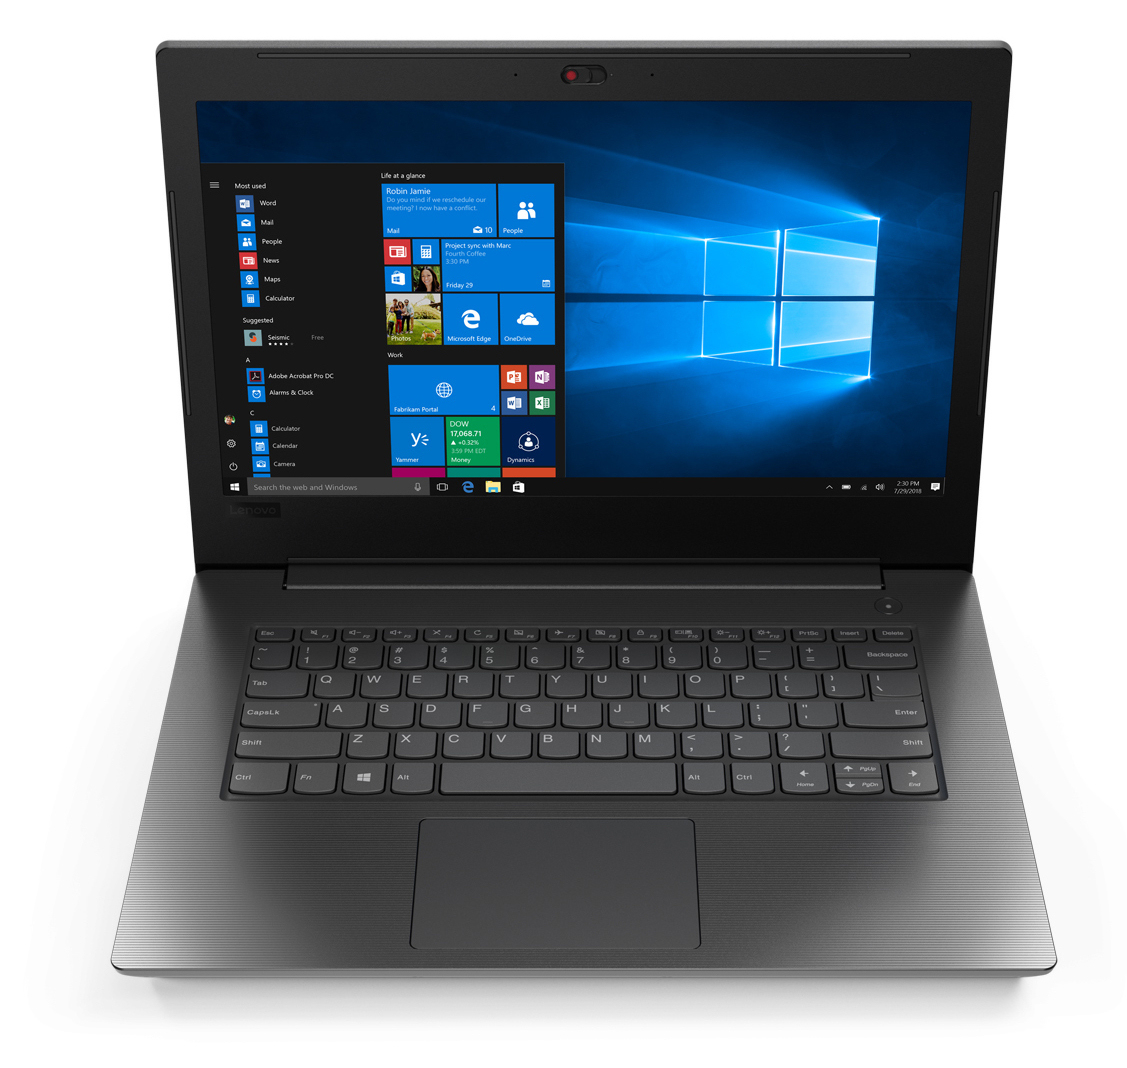 HP Envy 15-1102xx Notebook Atheros LAN 64 BIT Driver